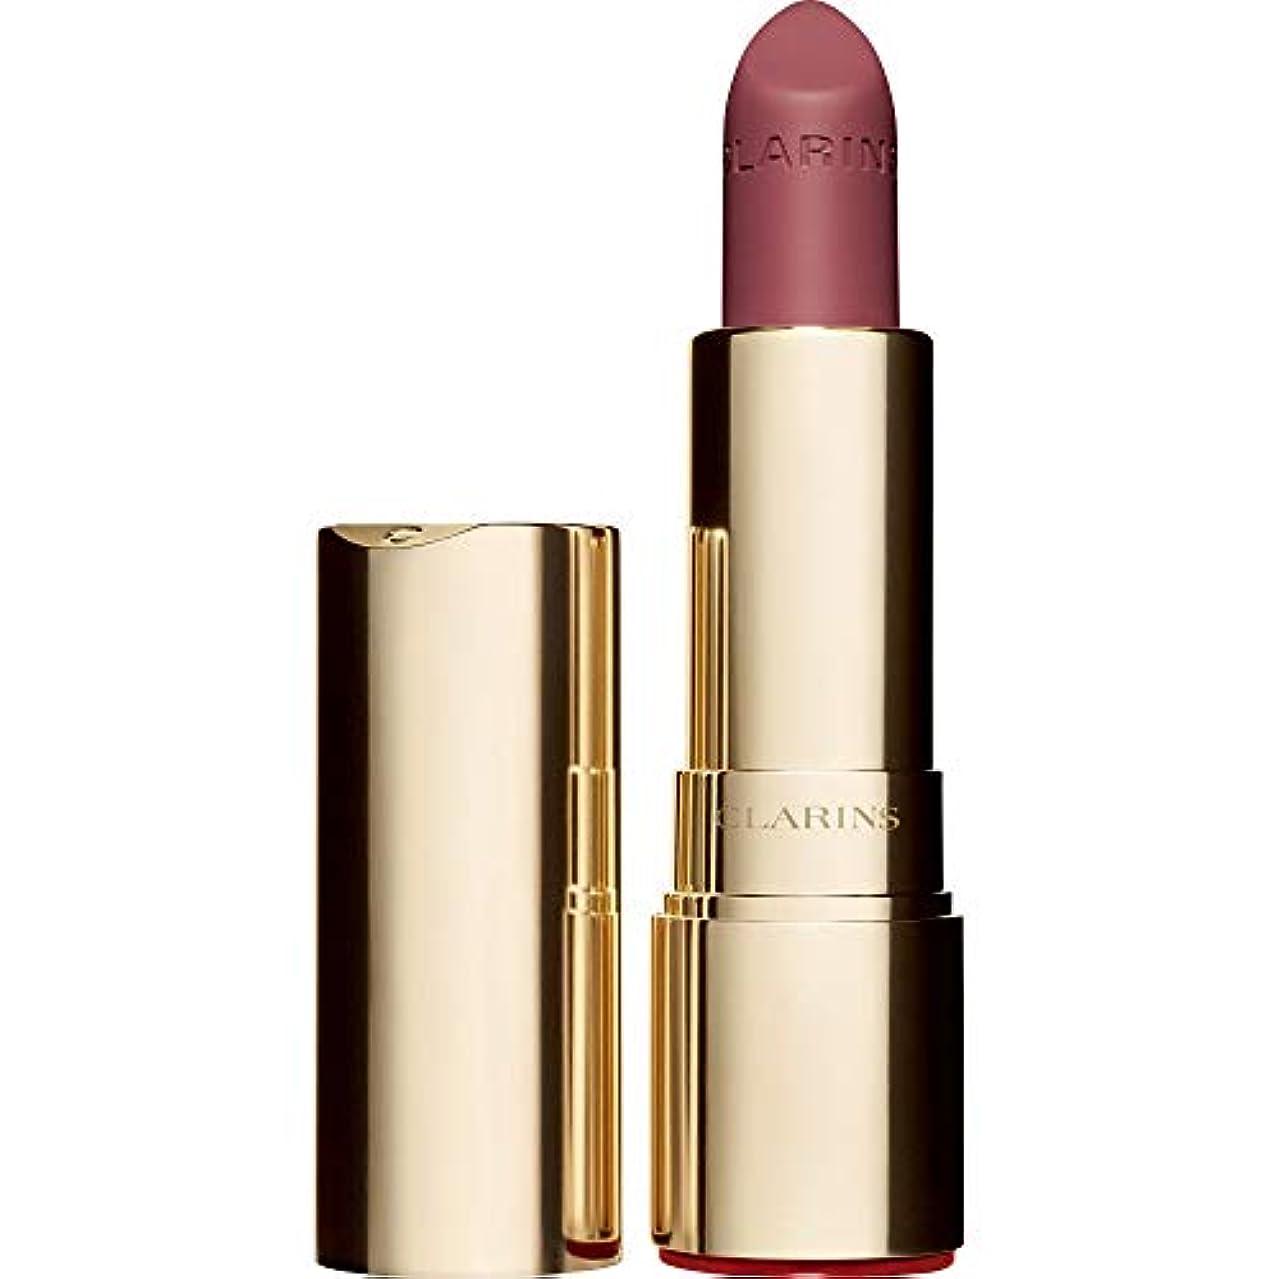 受け入れるもっと想定[Clarins] クラランスジョリルージュベルベットの口紅3.5グラムの731V - ベリーローズ - Clarins Joli Rouge Velvet Lipstick 3.5g 731V - Rose Berry...